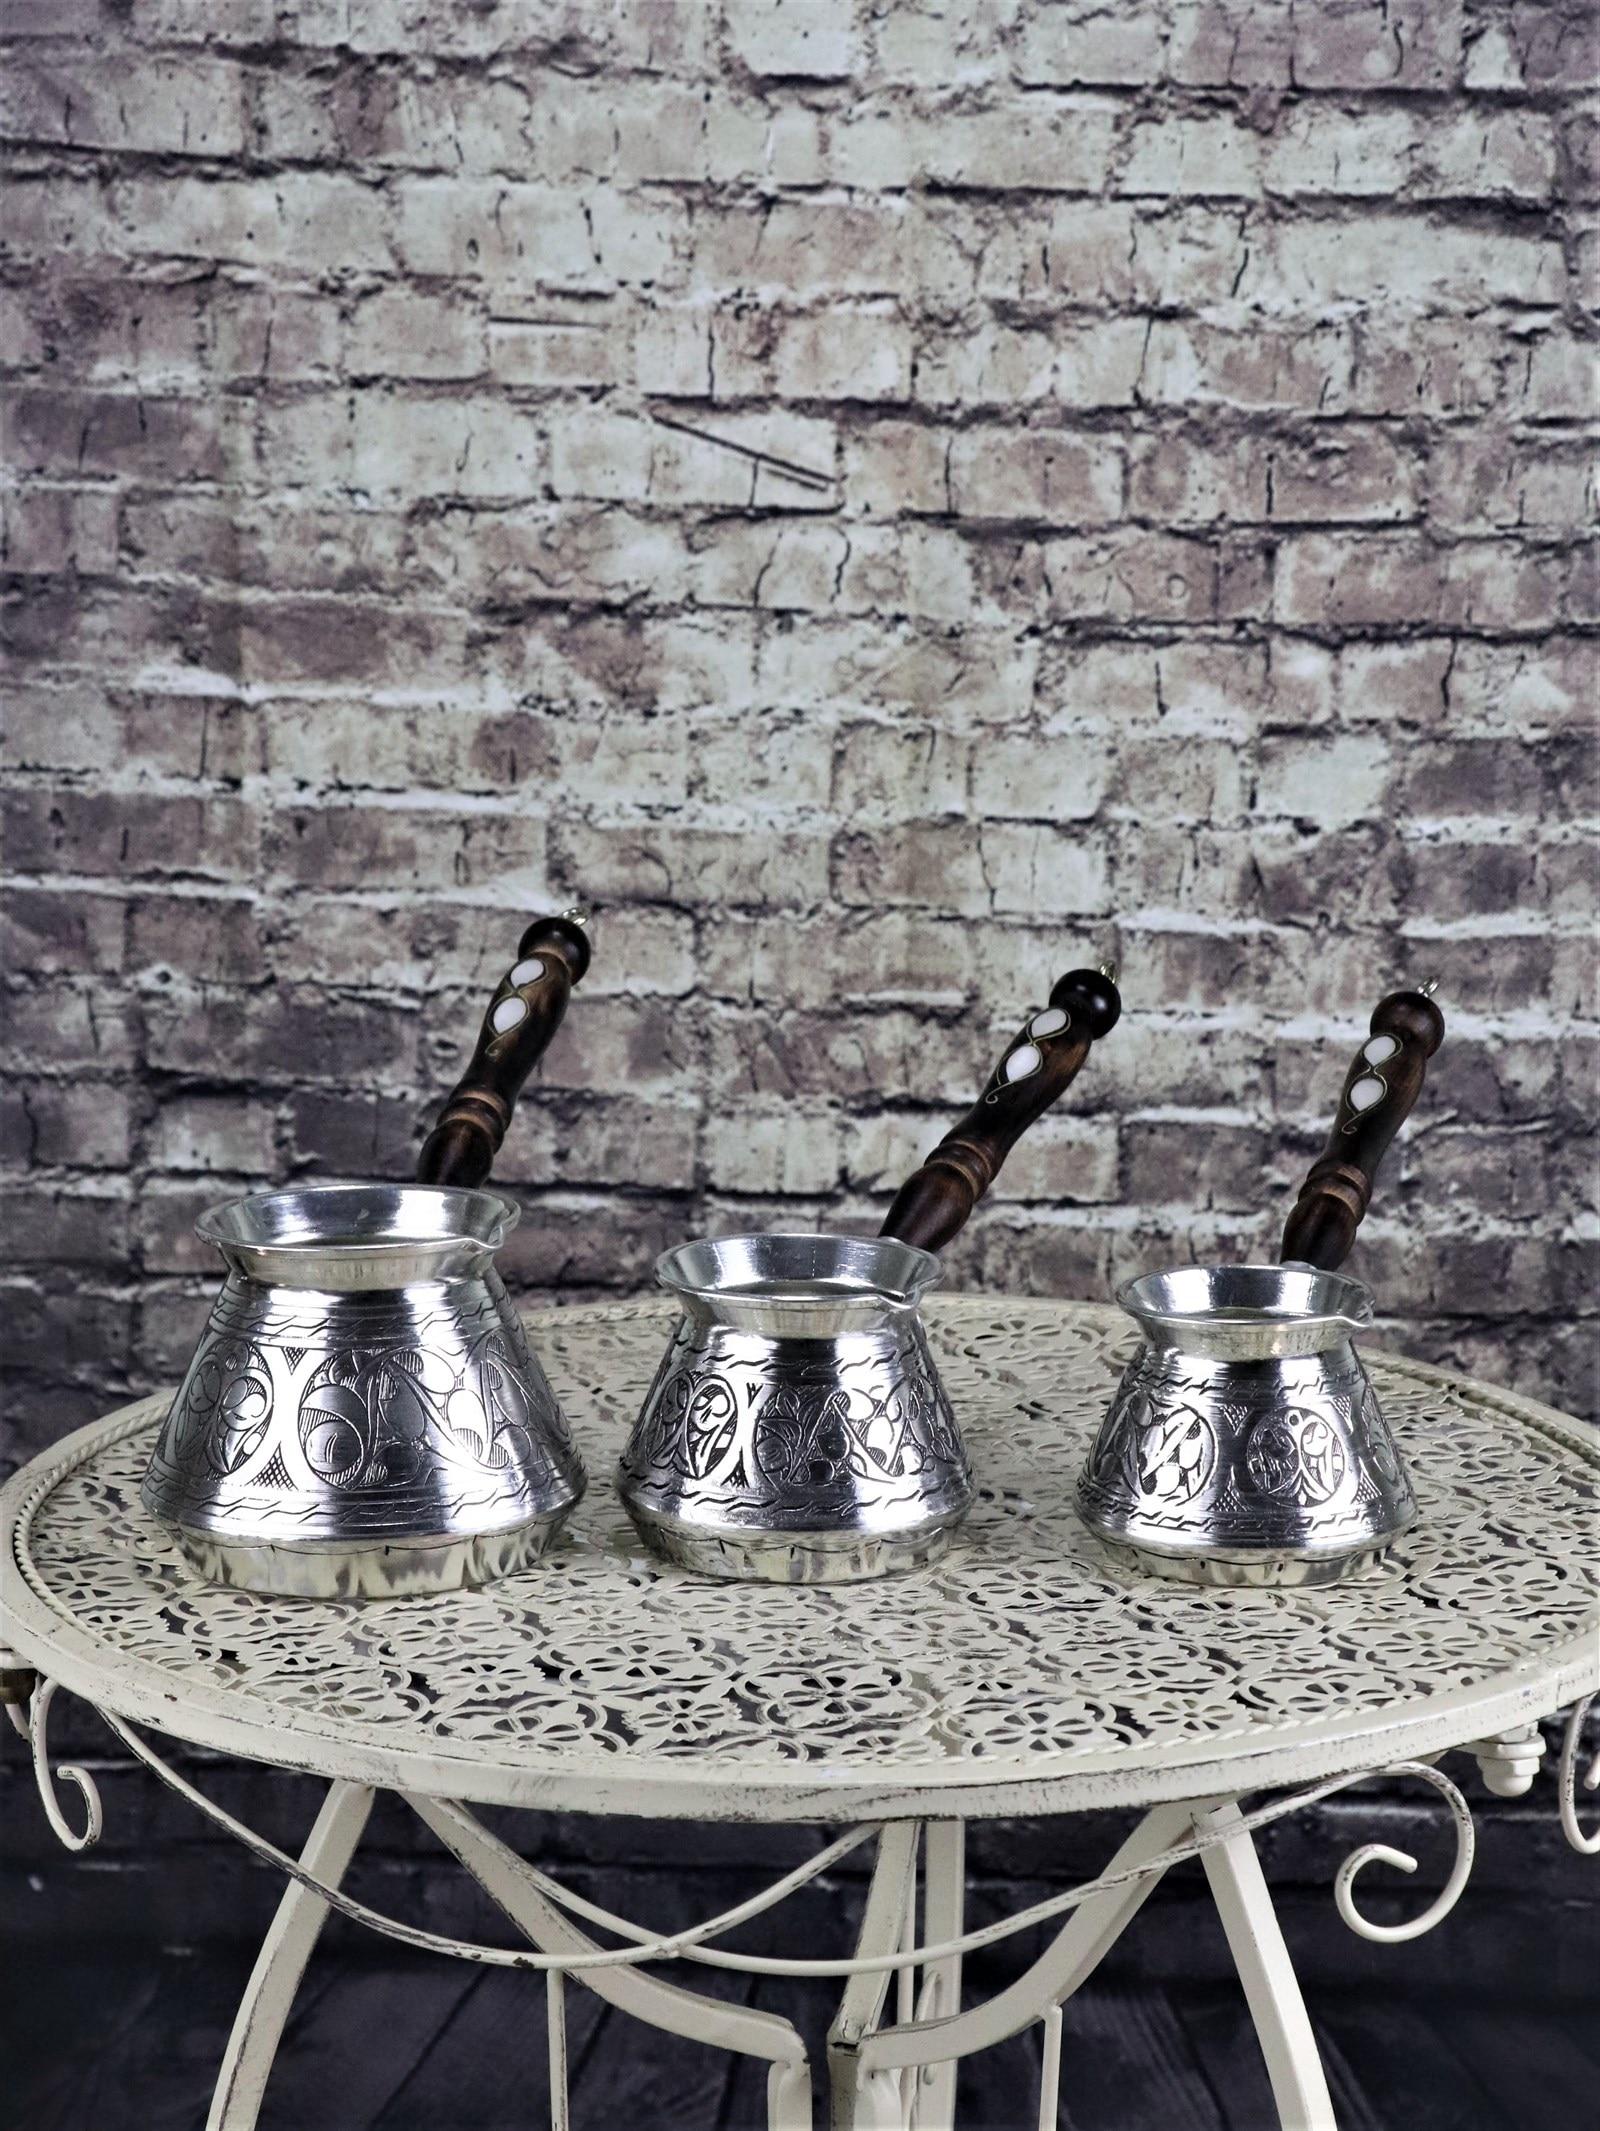 إبريق قهوة تركيا النحاس محفورة مقبض خشبي إبريق قهوة كبيرة اليدوية أصيلة التركية القهوة اسبريسو وعاء لتقديم القهوة العربي